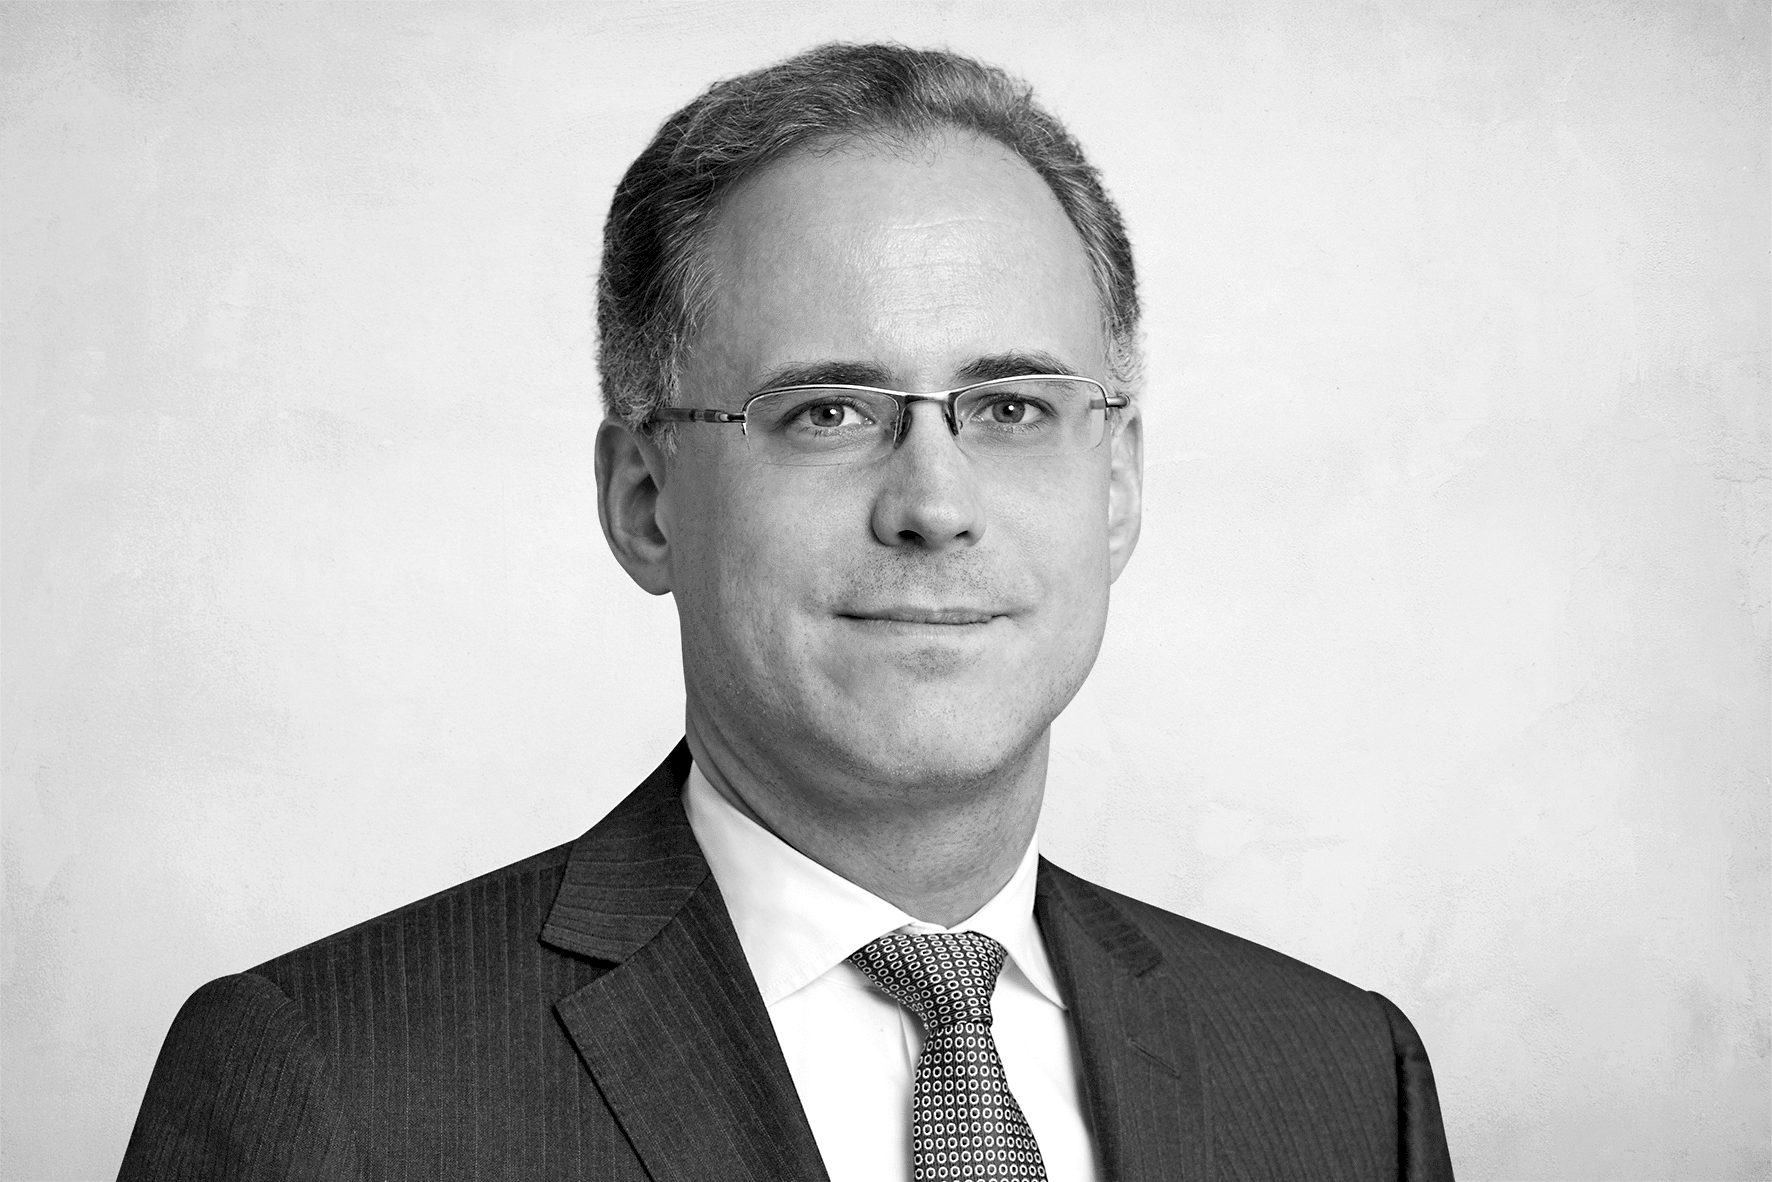 Dr. Markus Röhrig